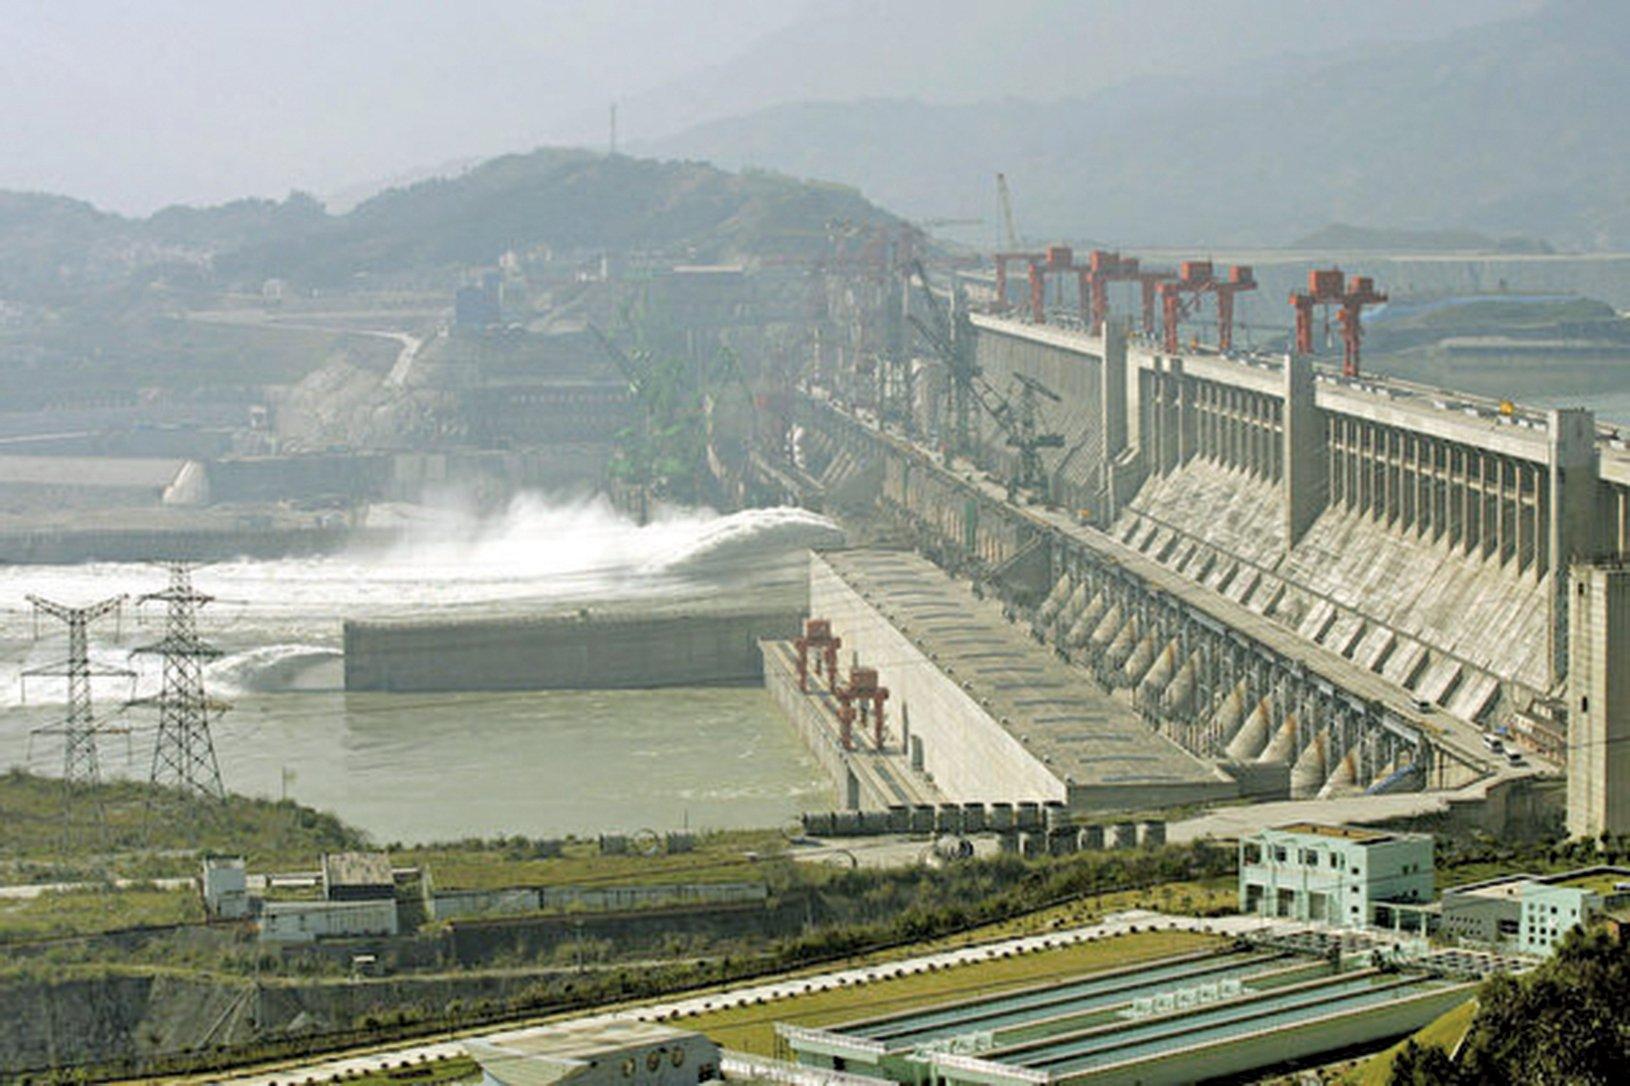 三峽工程帶來諸多生態環境問題和社會問題,而水庫大壩只是中共人禍危機中的一個現象。圖為三峽工程在宜昌的大壩。(Getty Images)